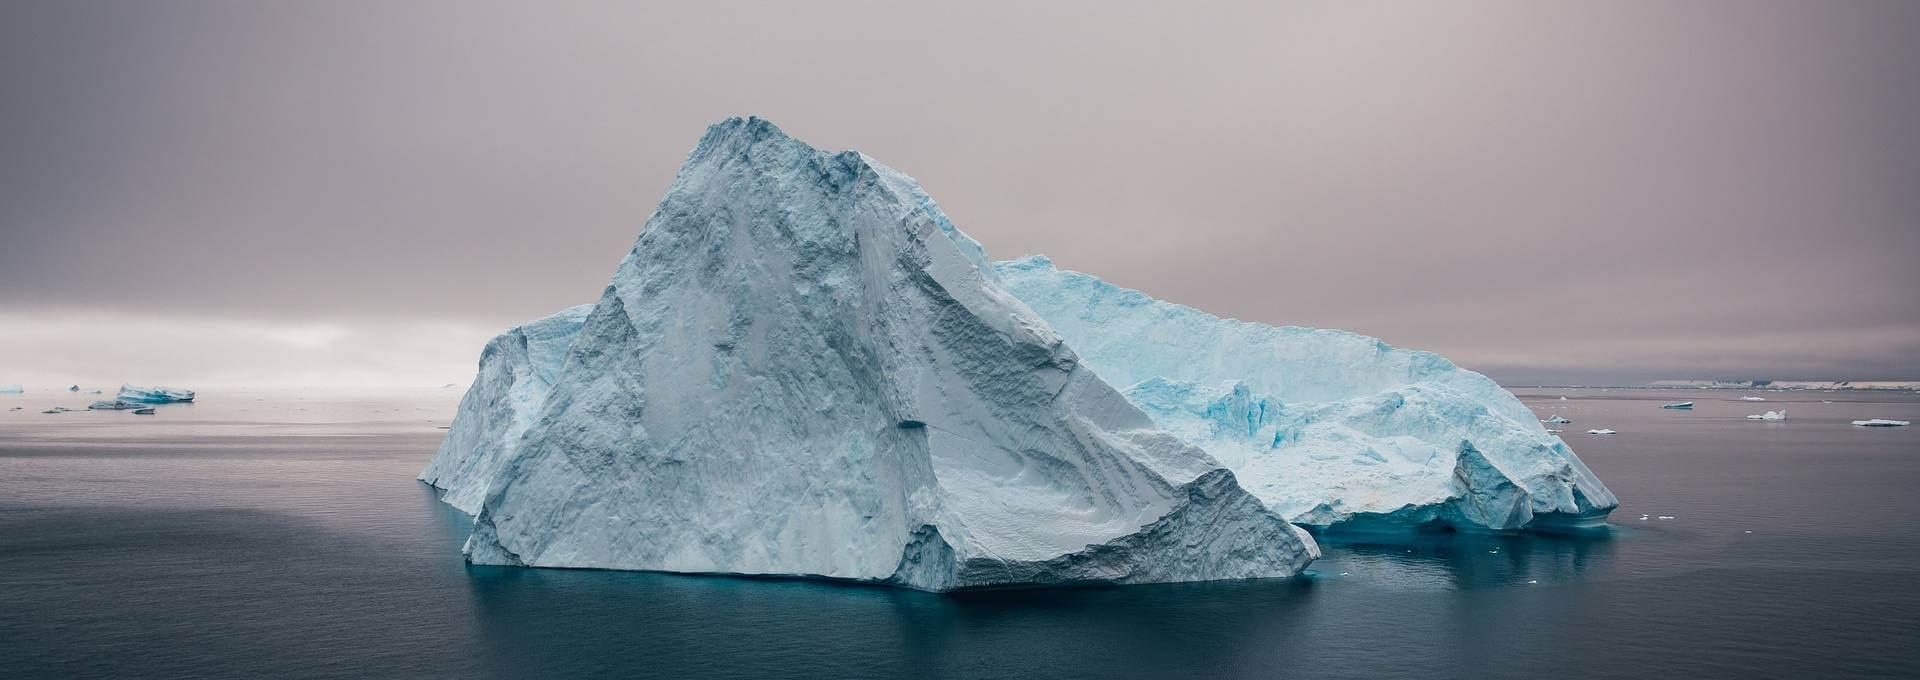 Eisberge machen Umweltprobleme deutlich